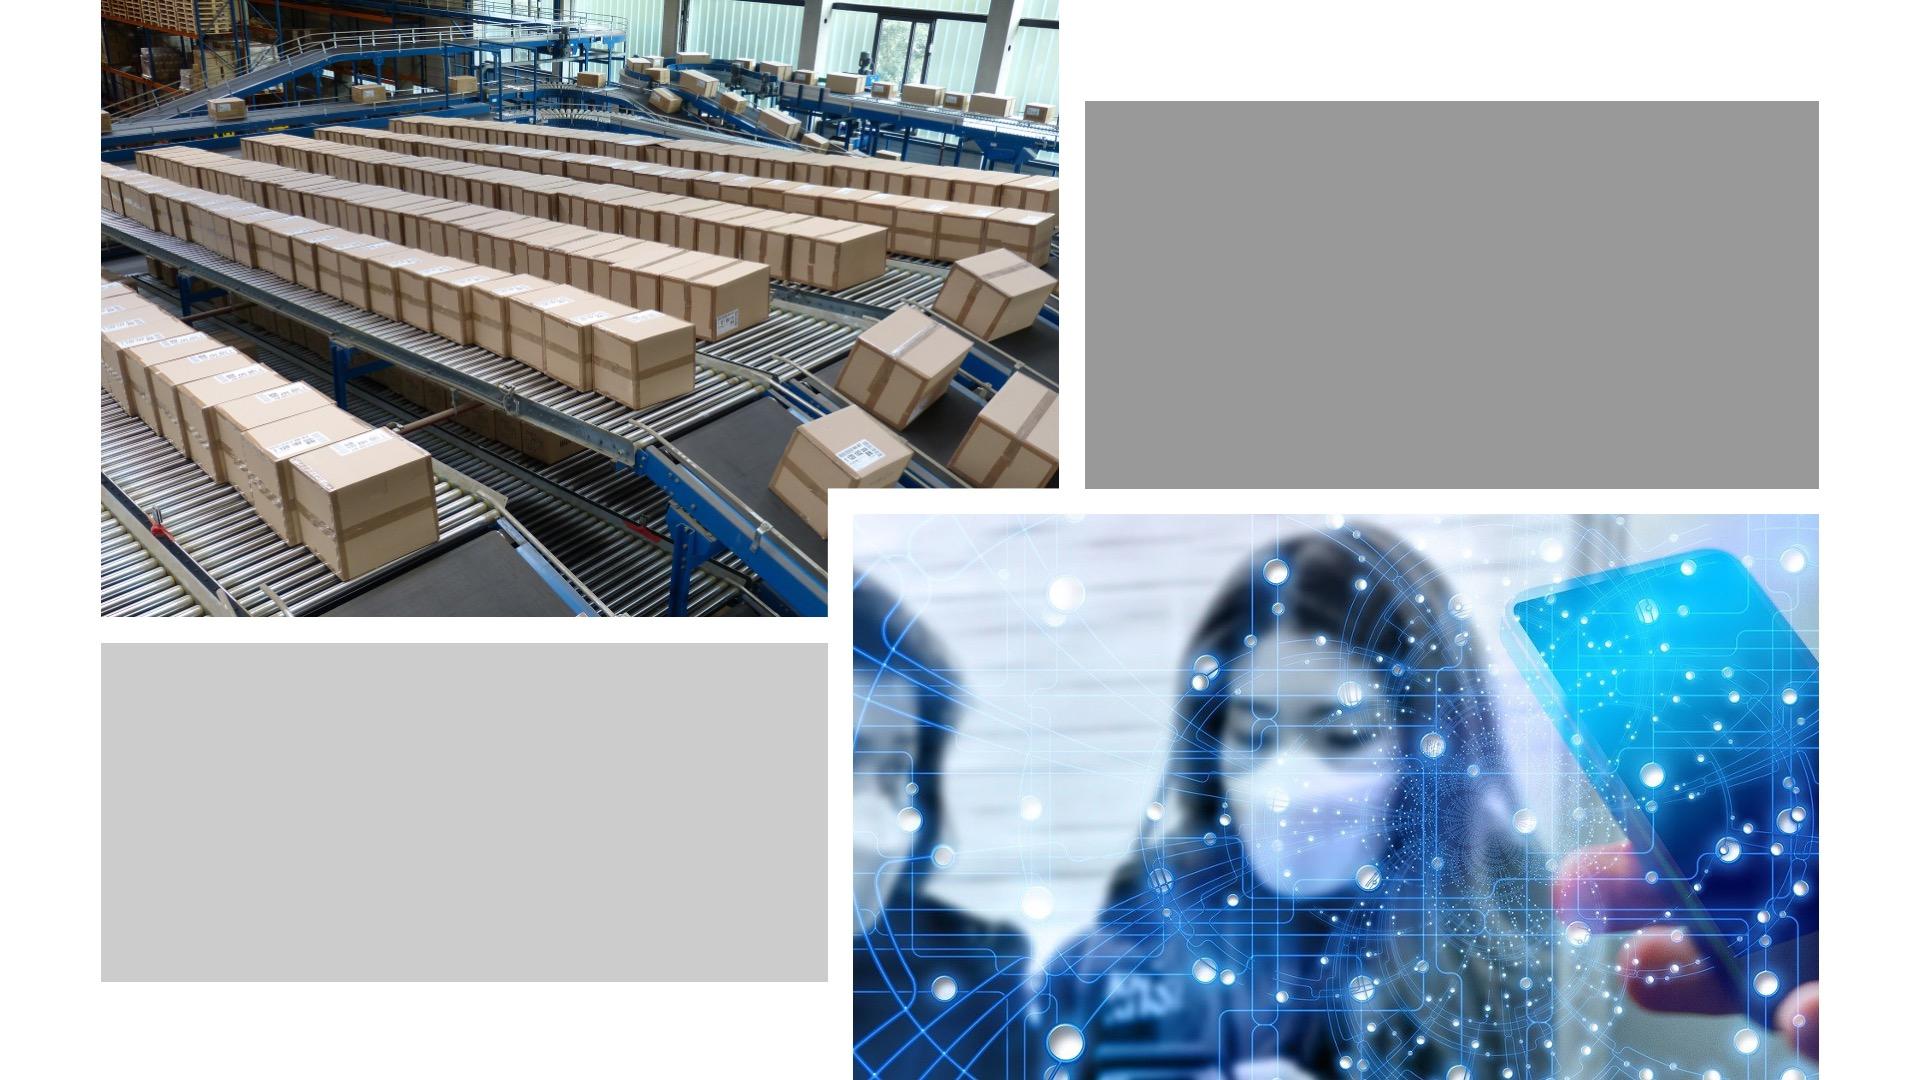 Auswirkungen von Corona auf Supply Chain Prozesse: gute und transparente Prozesse sind ebenso wichtig wie proaktives Supply Chain Risiko Management und flexible Supply Chain Strukturen